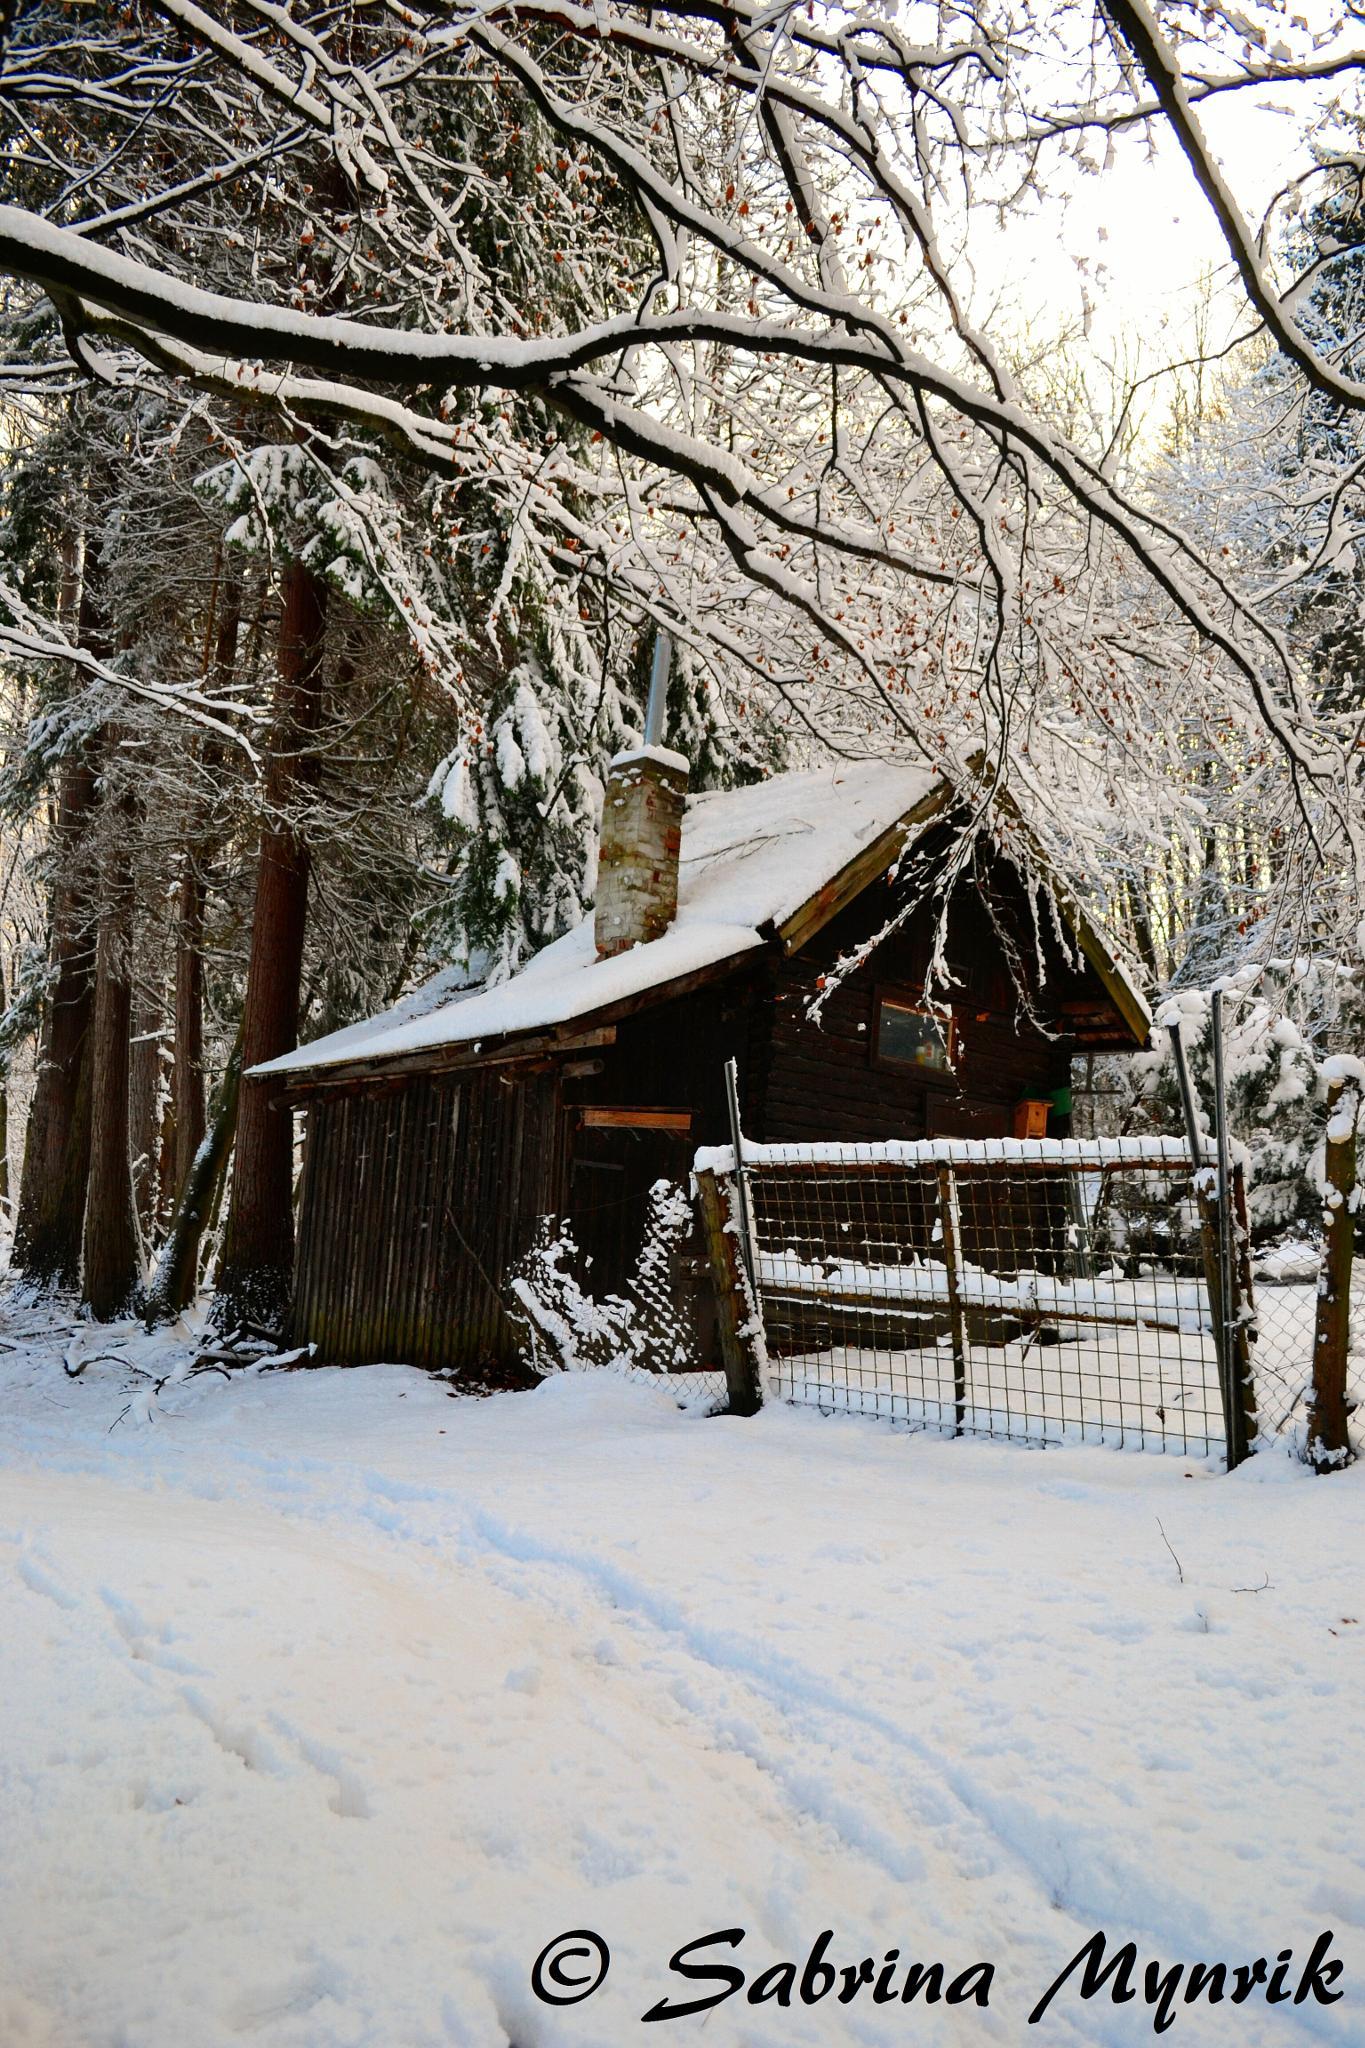 Snowchottage by Sabrina Mynarik